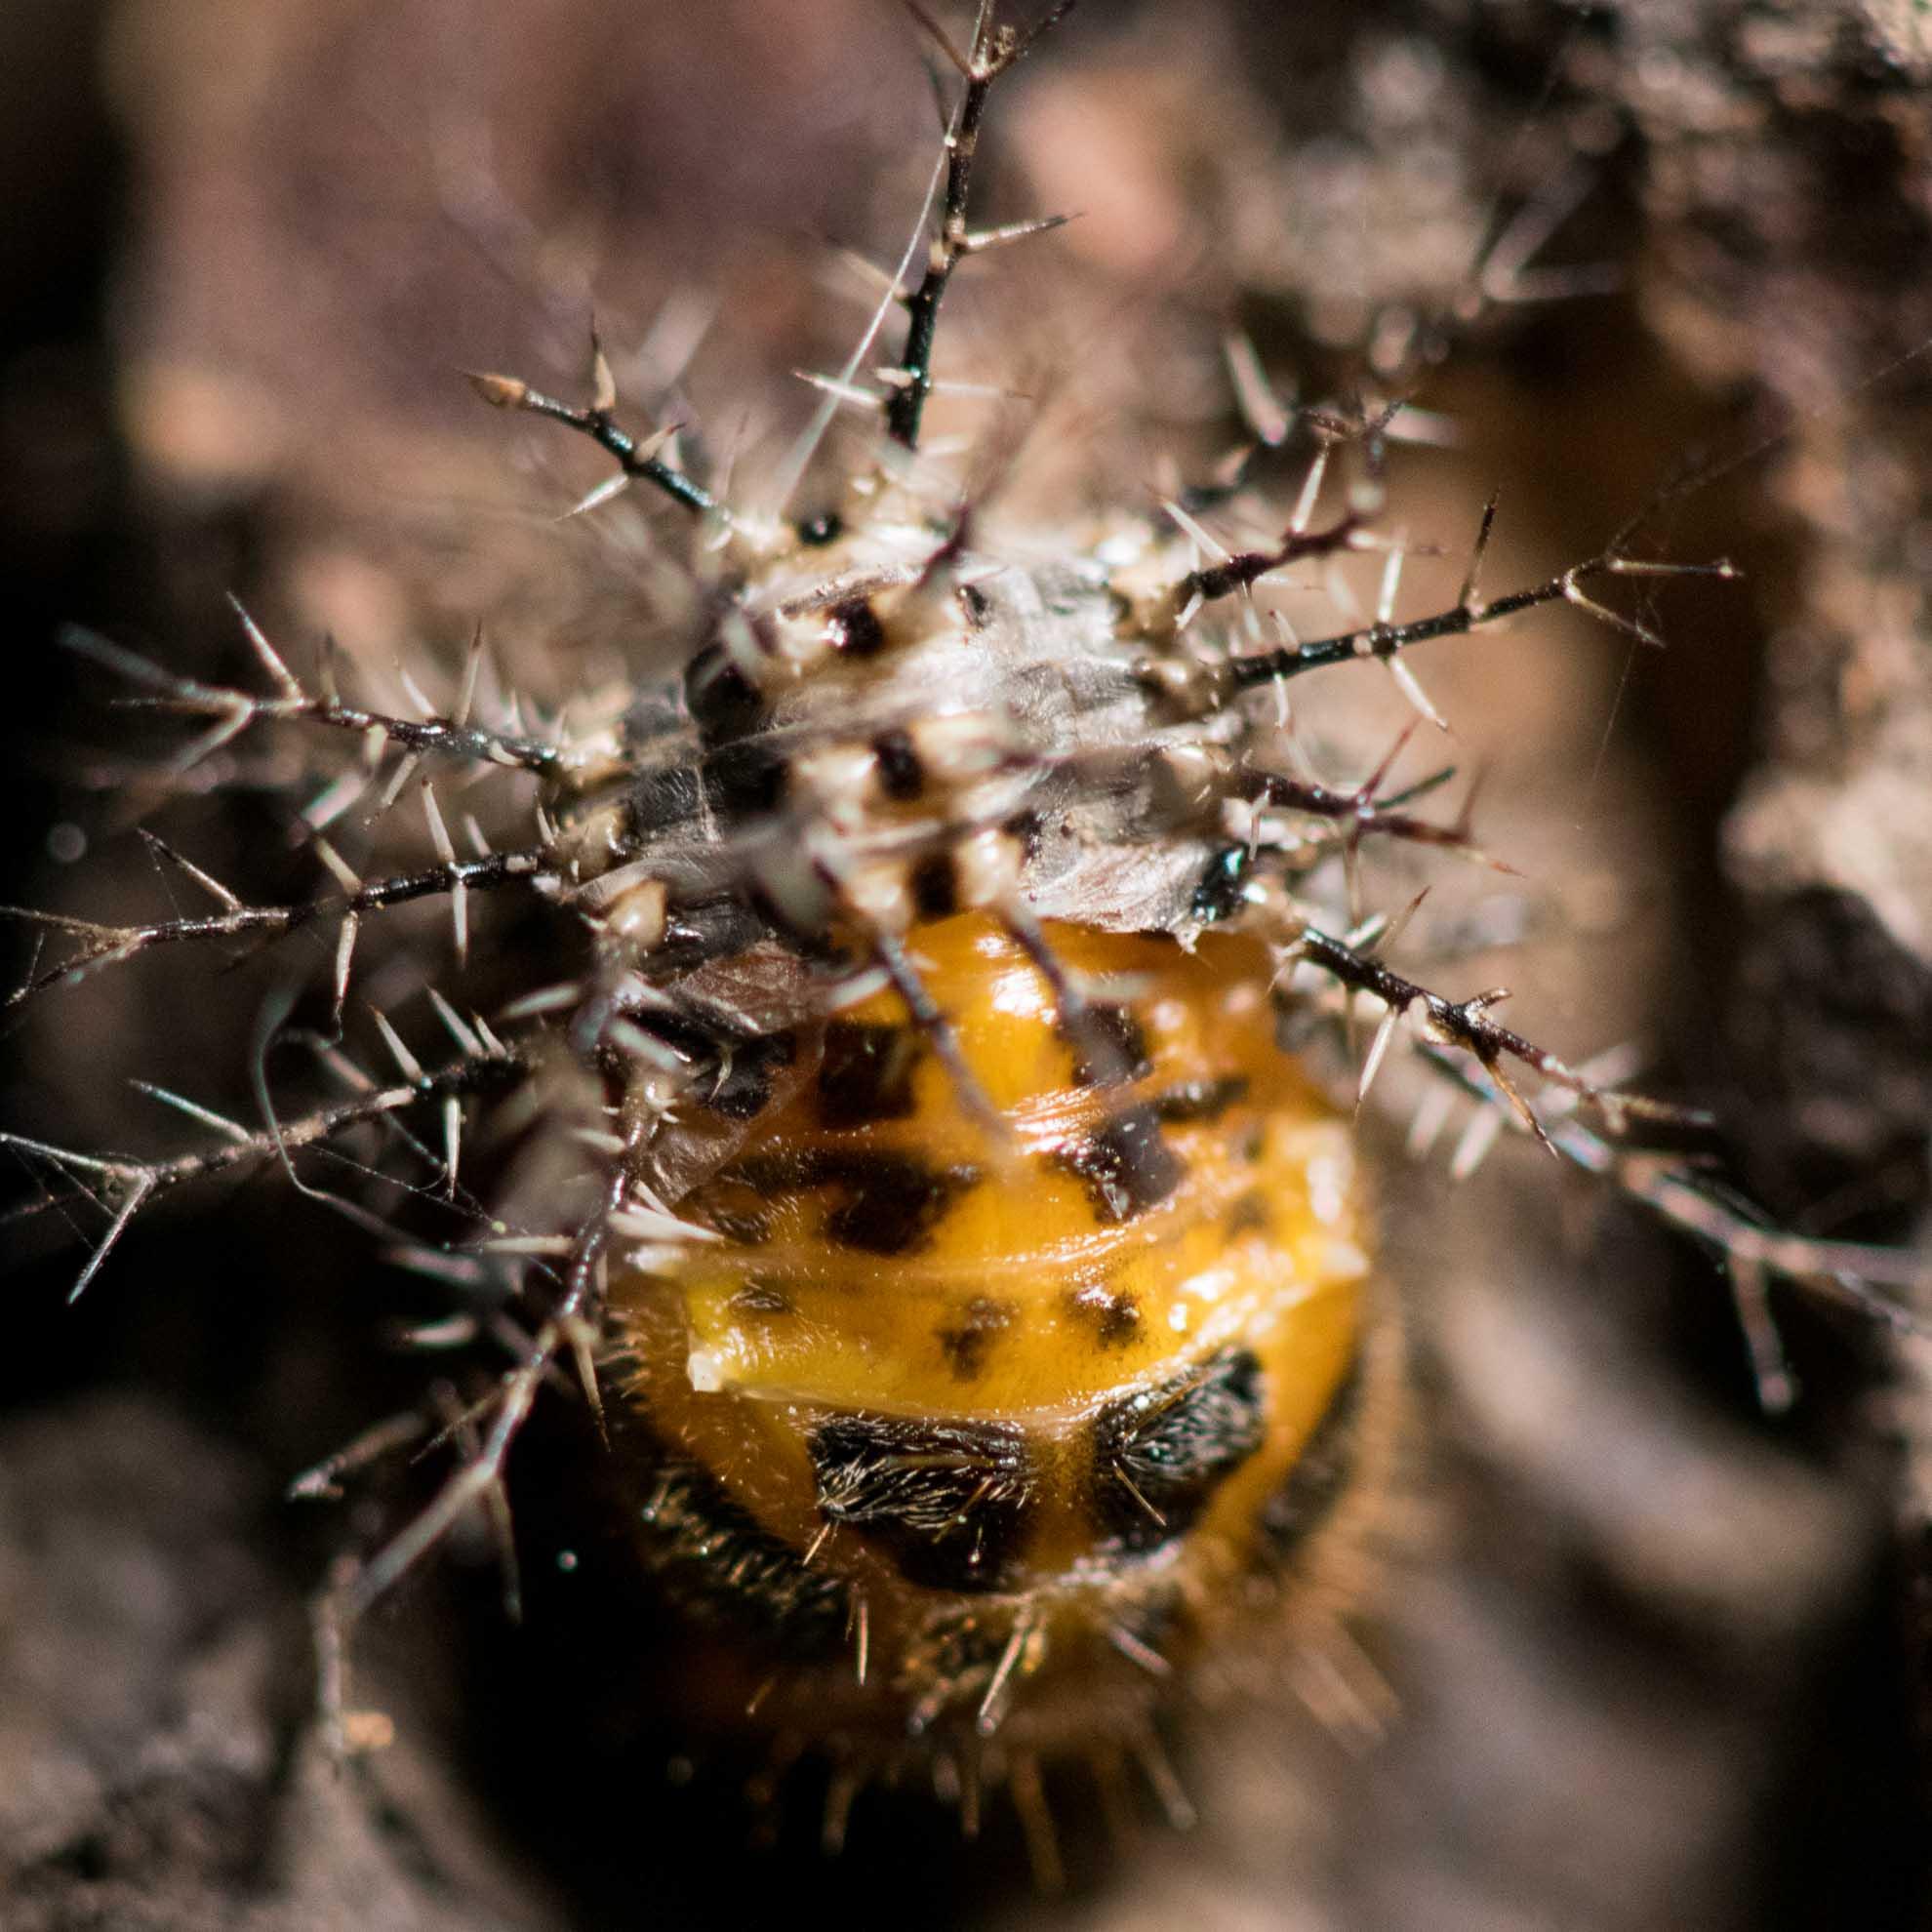 脱皮途中のてんとう虫